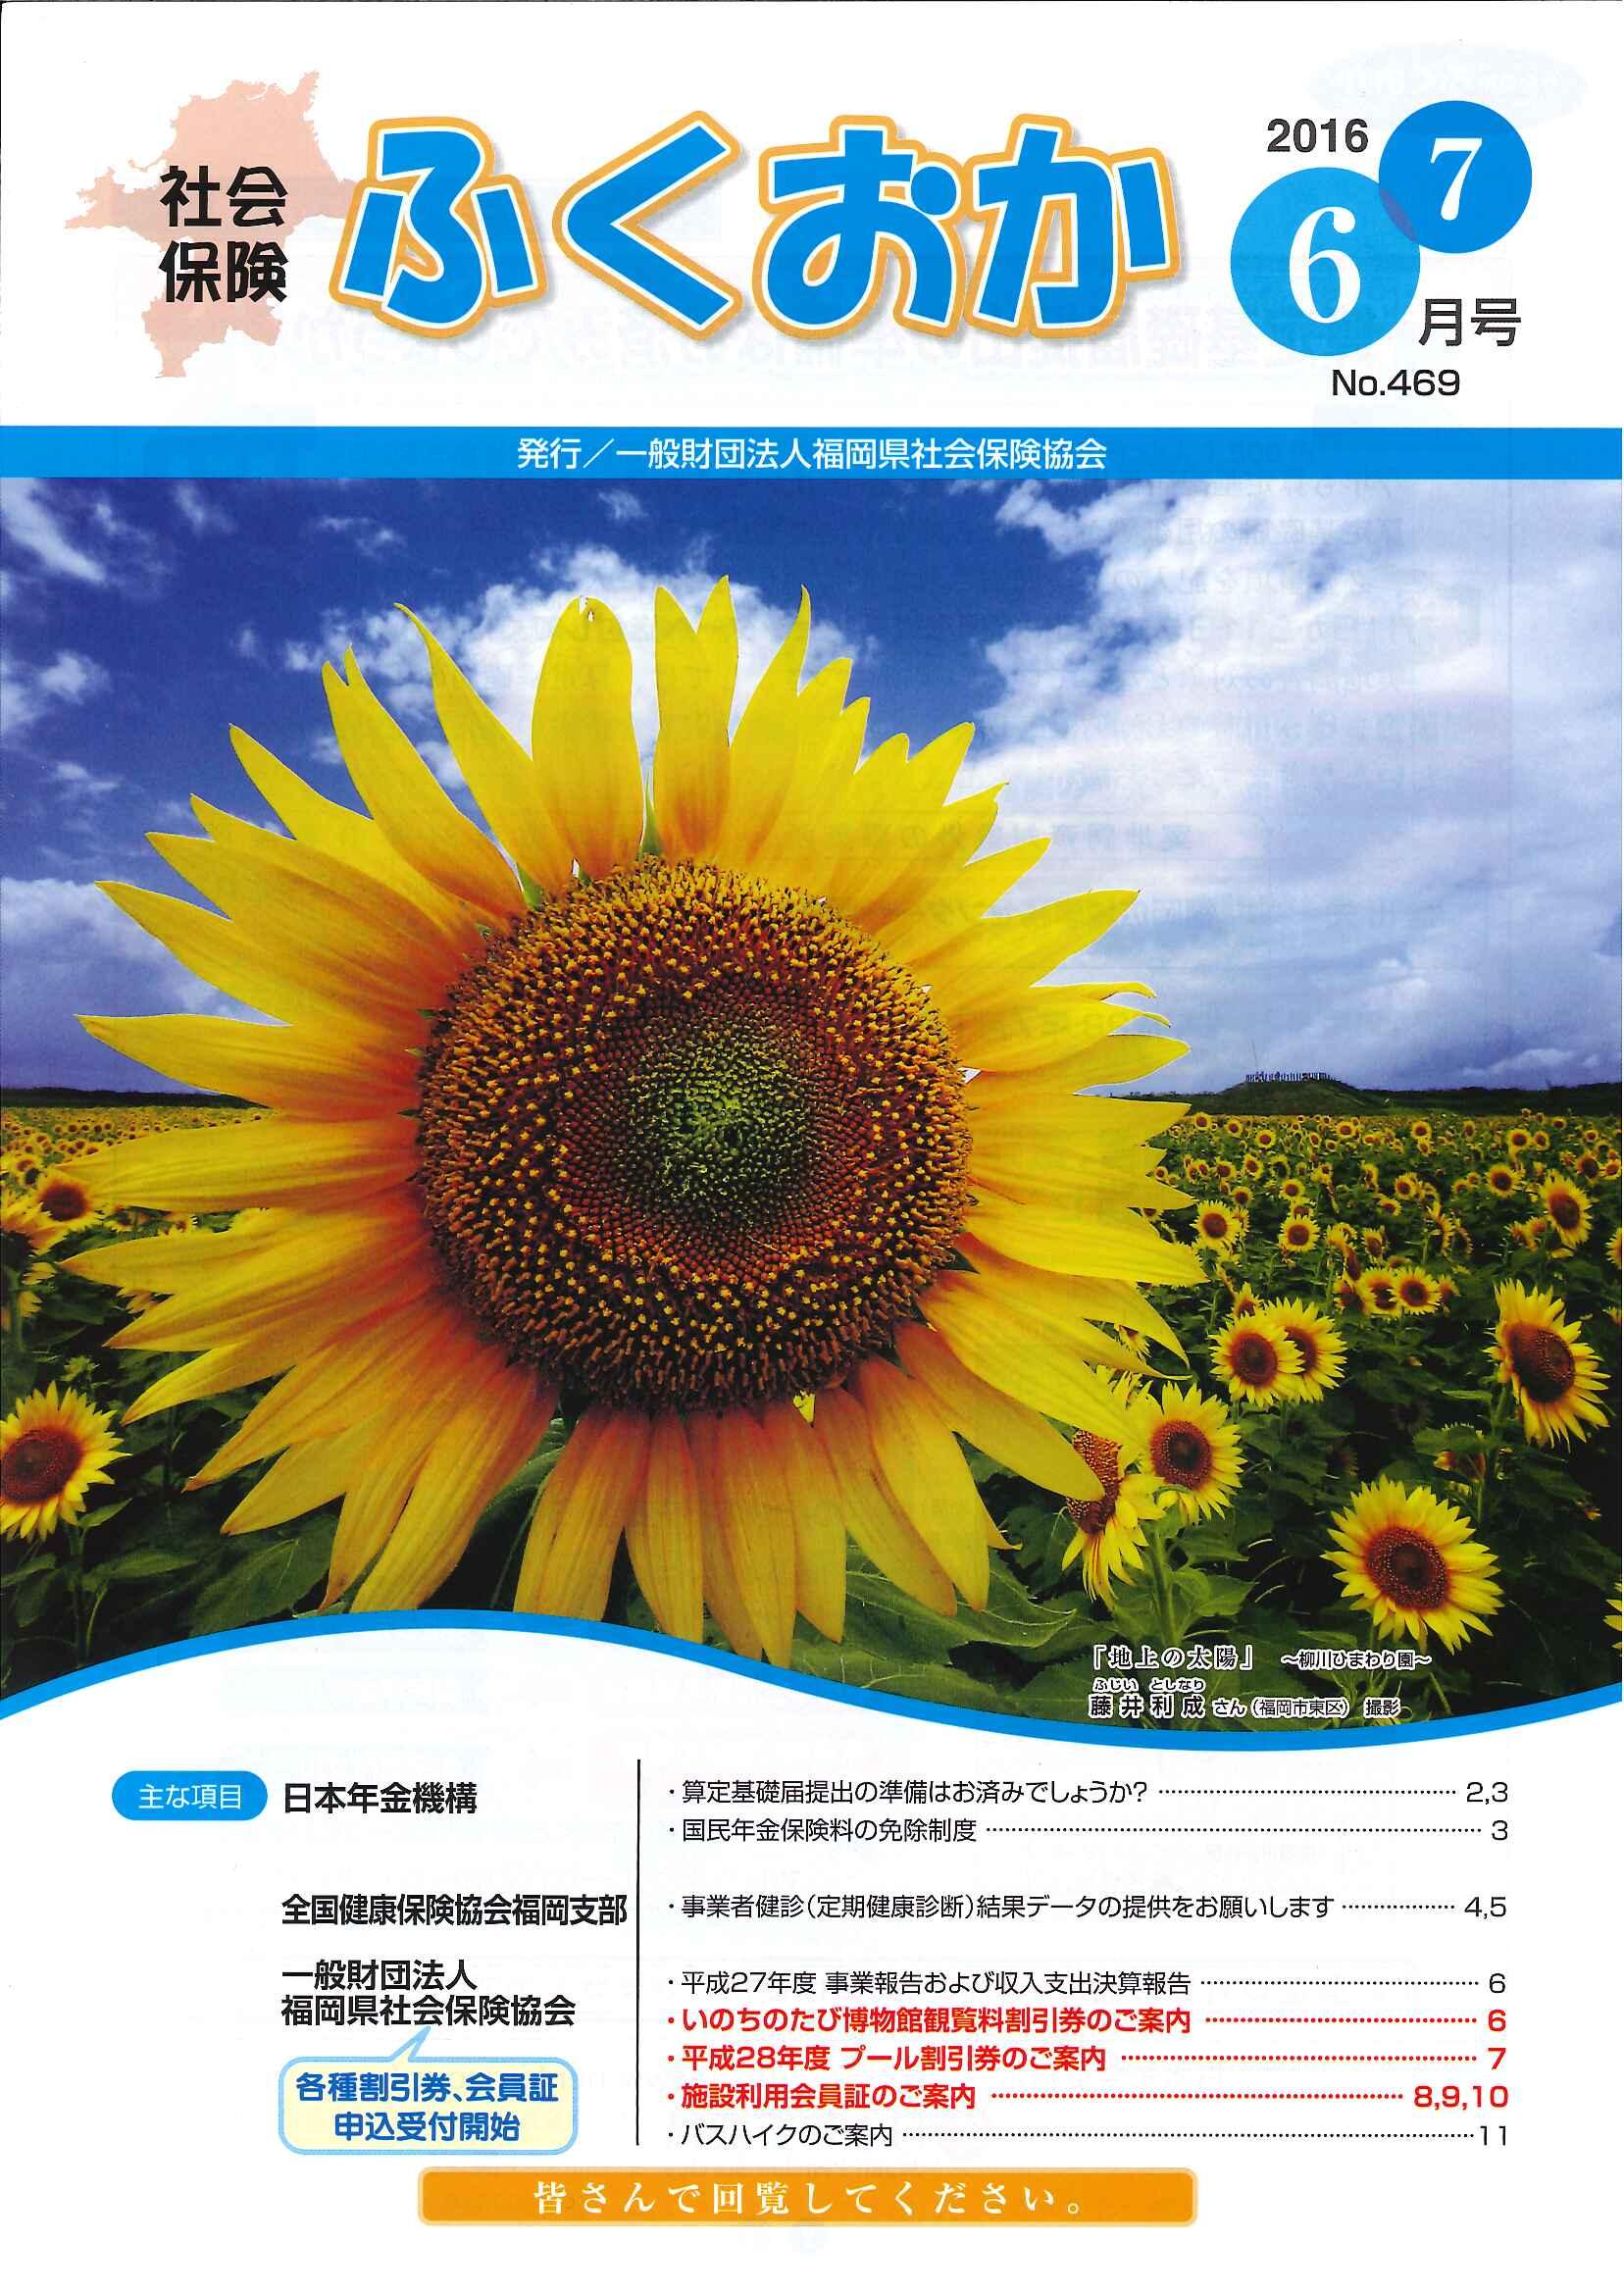 社会保険 ふくおか 2016年6・7月号_f0120774_1537387.jpg